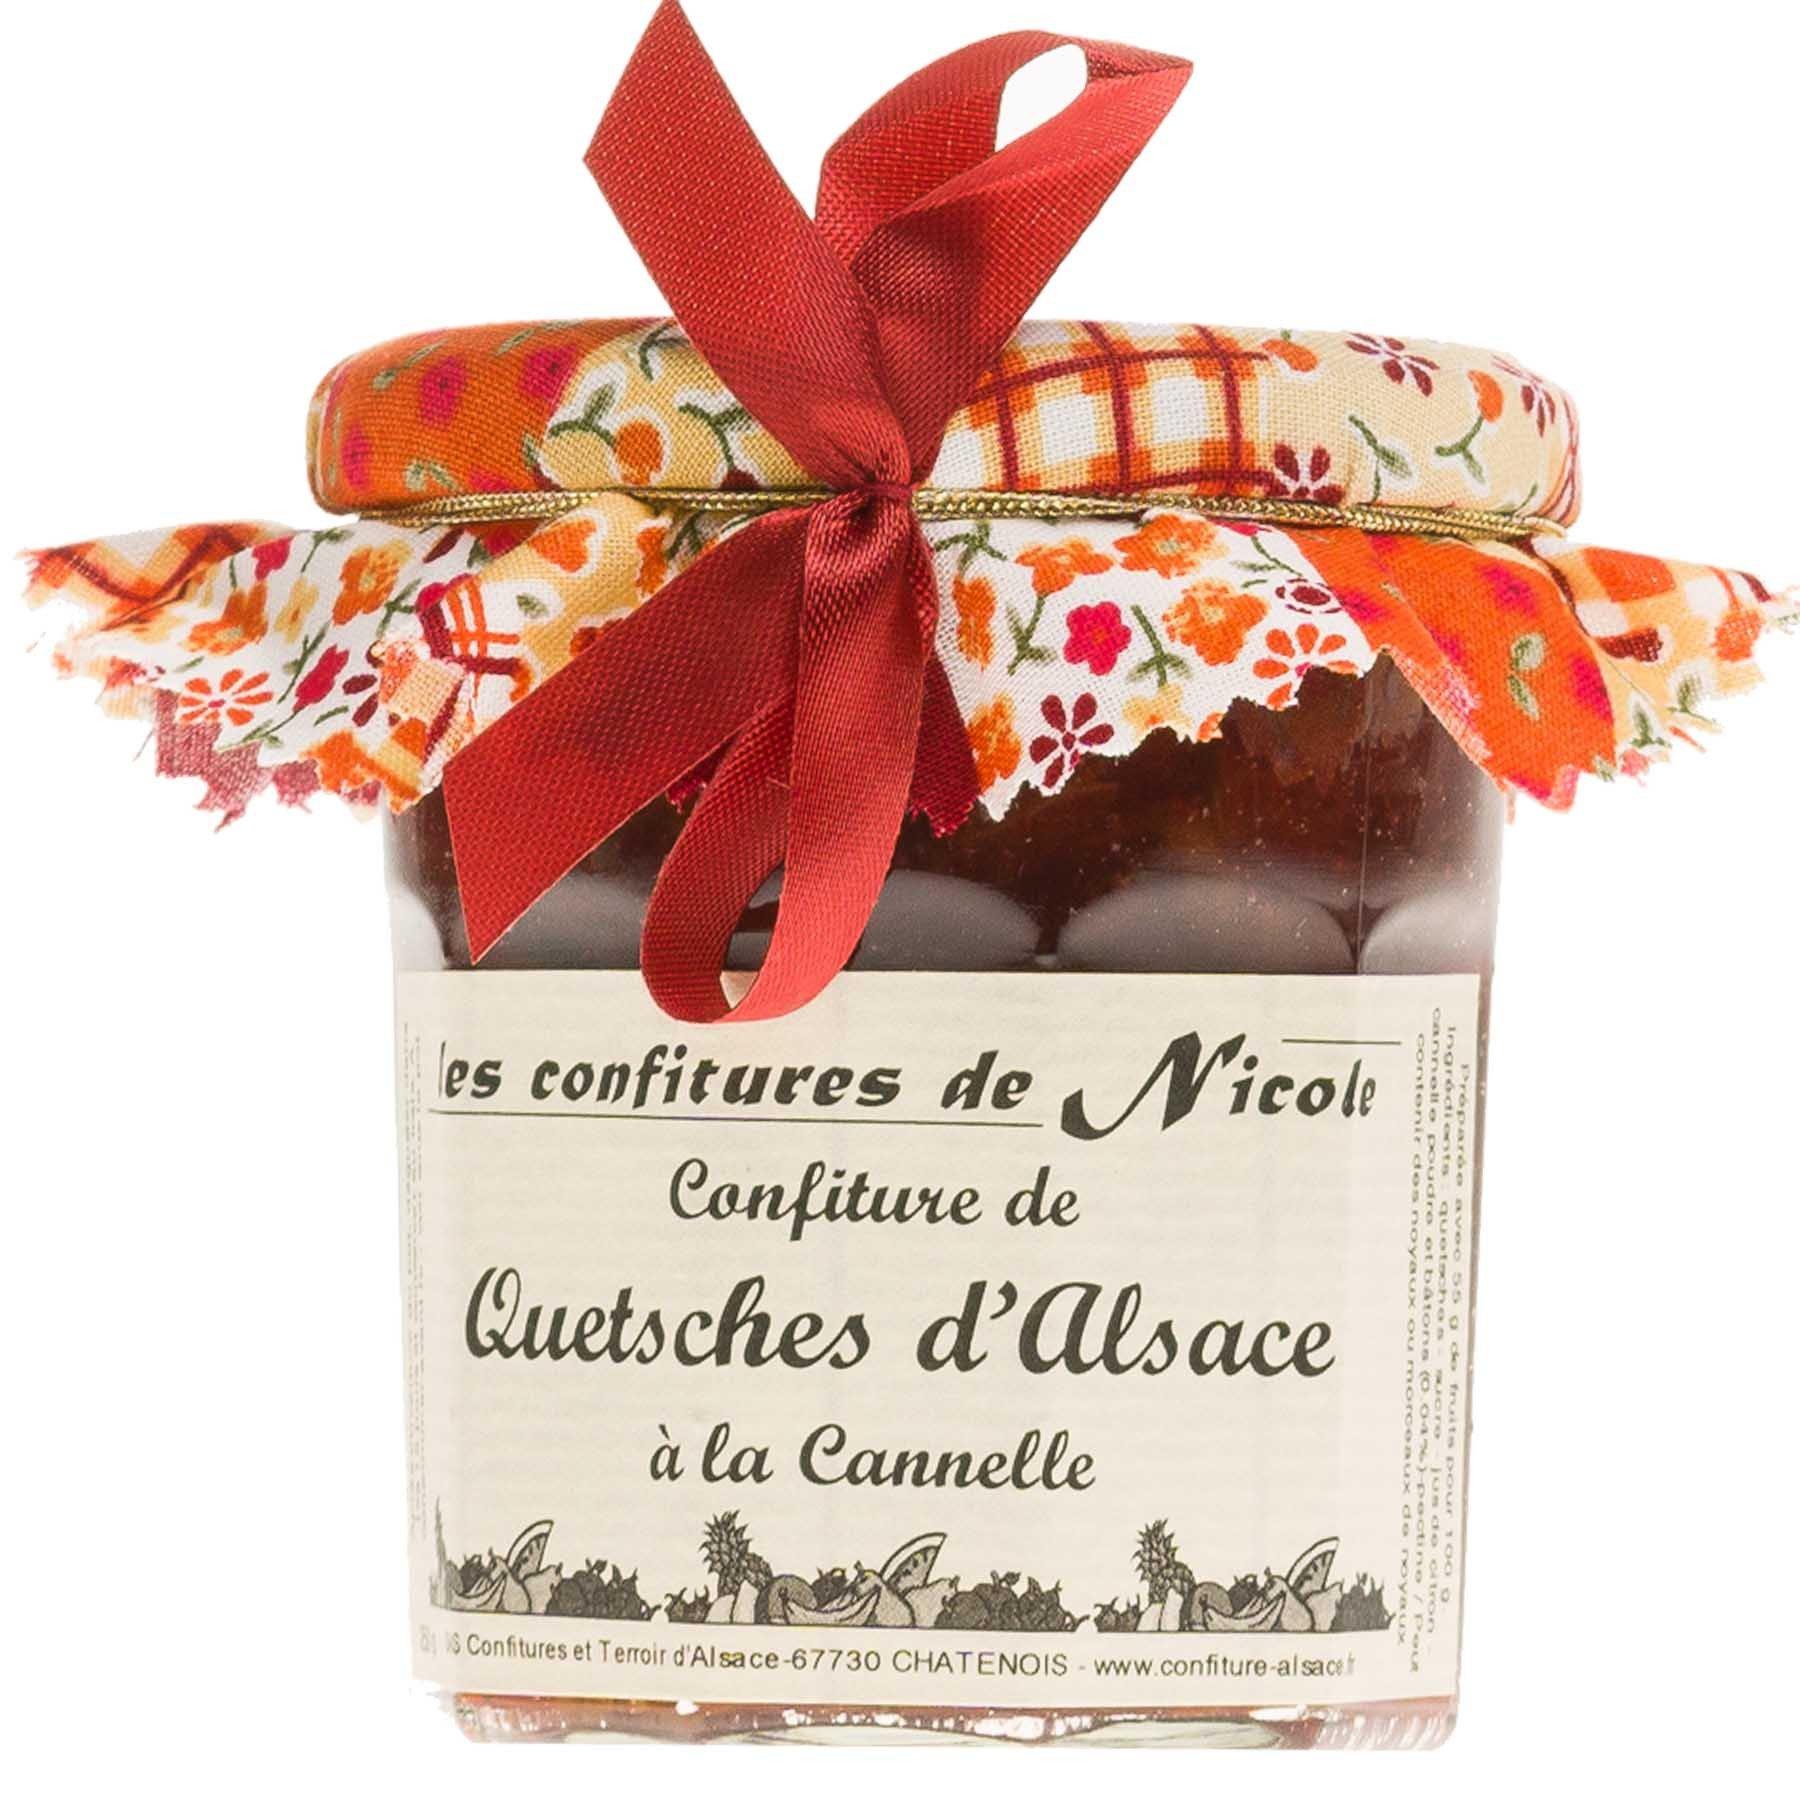 Confiture de Quetsches d'Alsace à la Cannelle, 250g